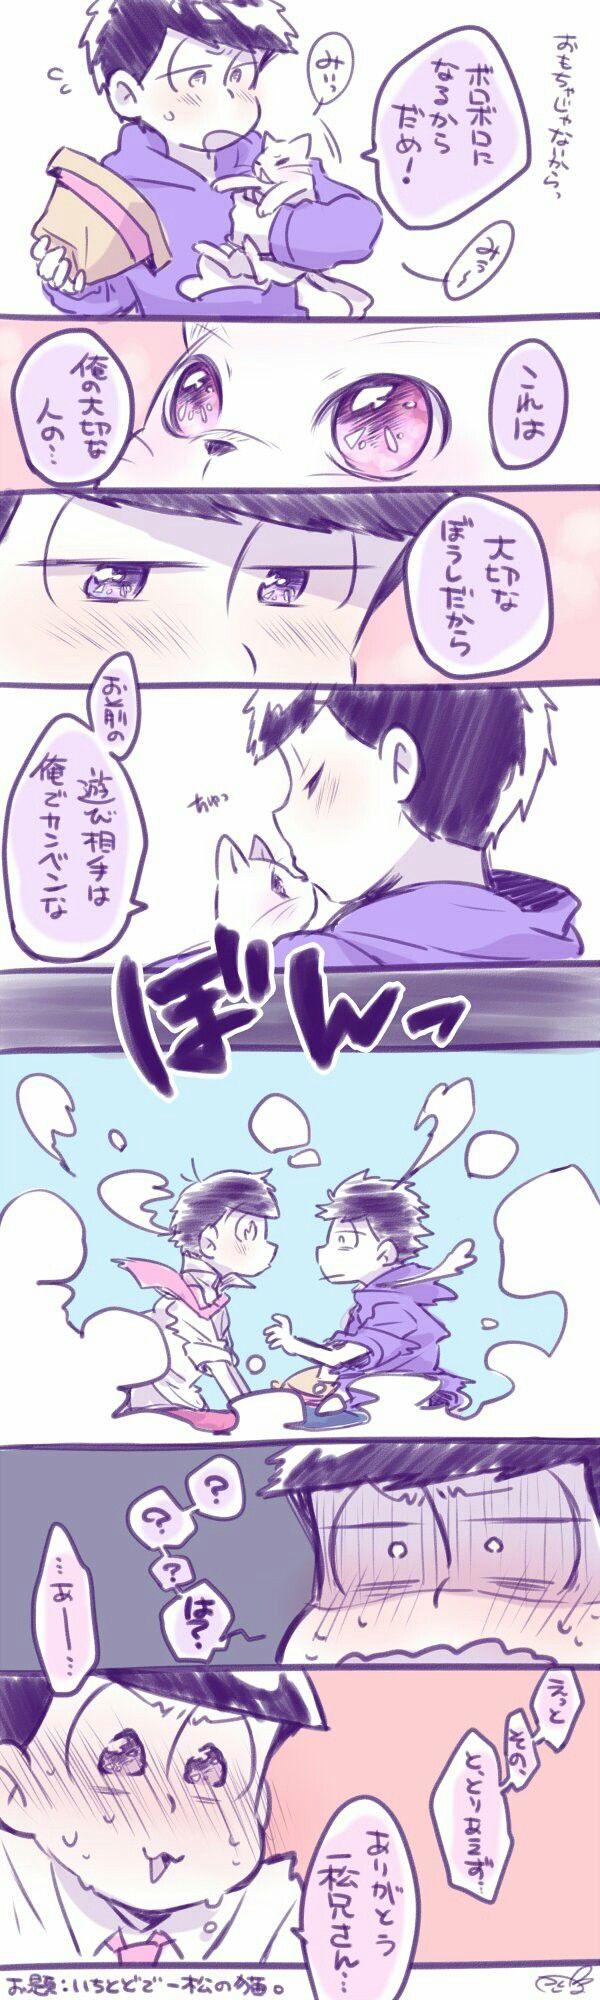 Ichitodo comic | 2/2